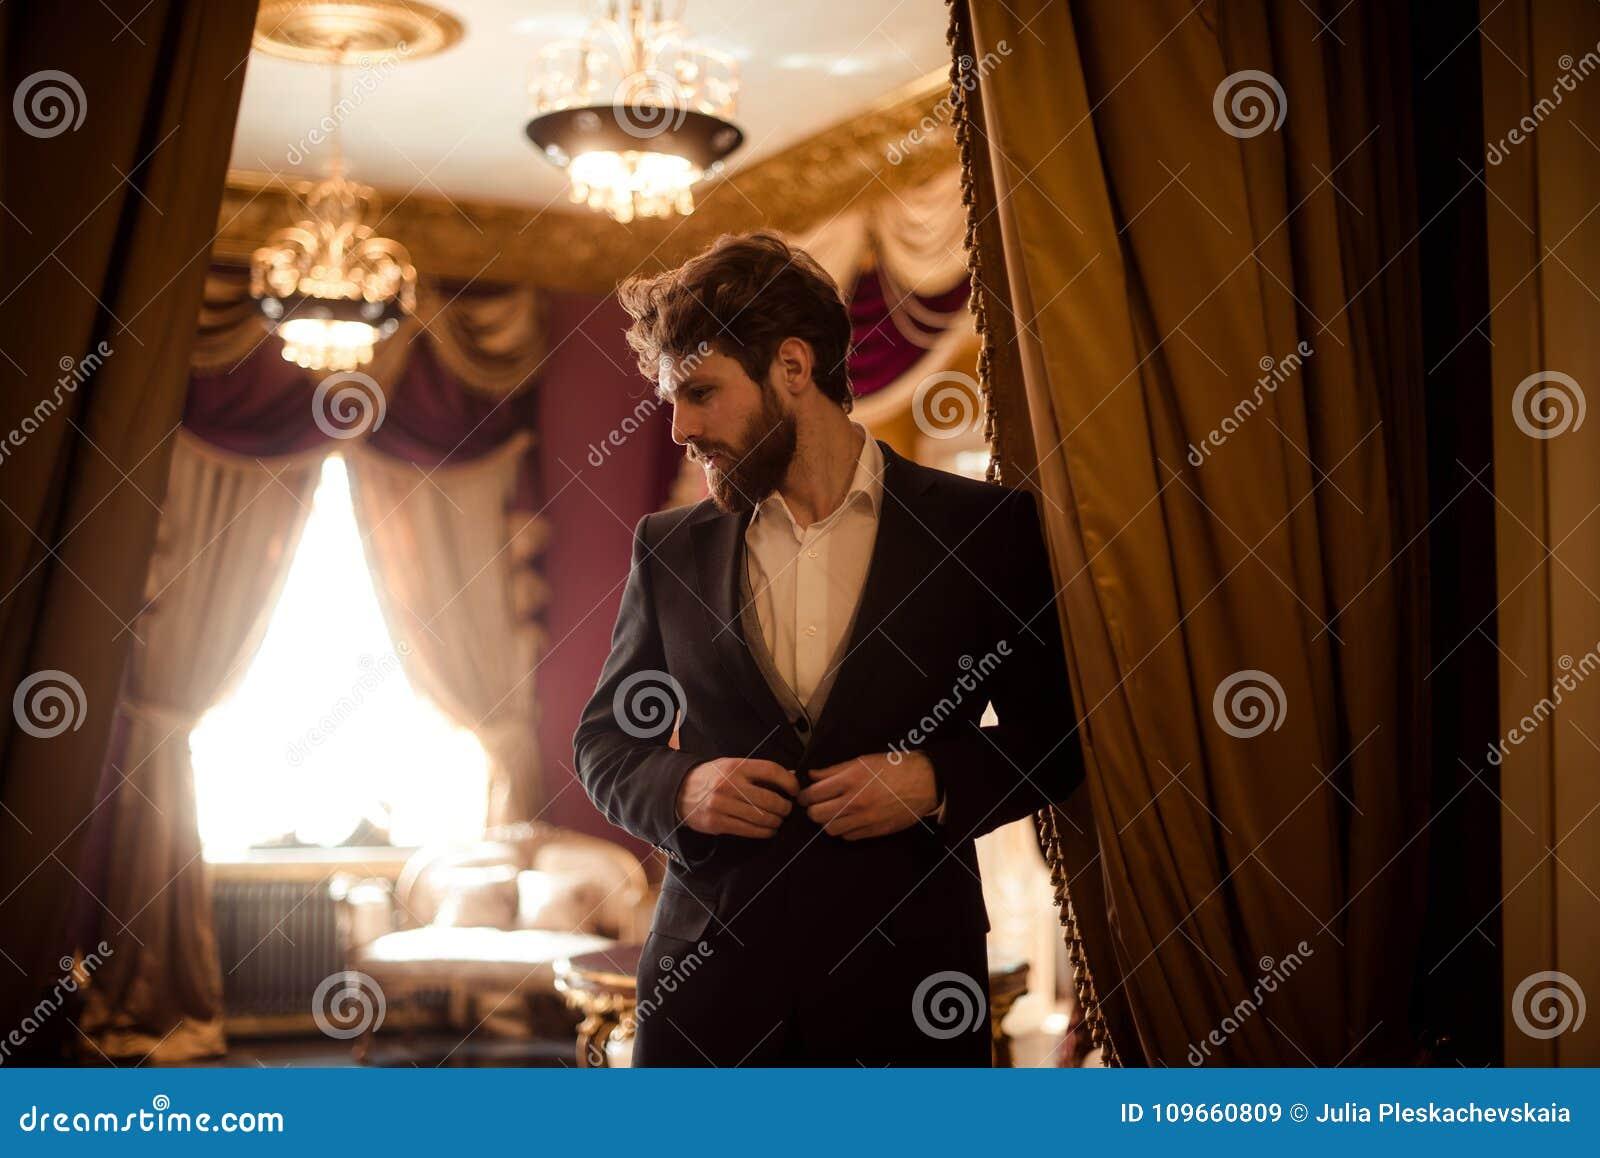 Horyzontalny strzał brodaty męski przedsiębiorca ubierał w formalnym kostiumu, stojaki w królewskim pokoju z luksusowymi zasłonam